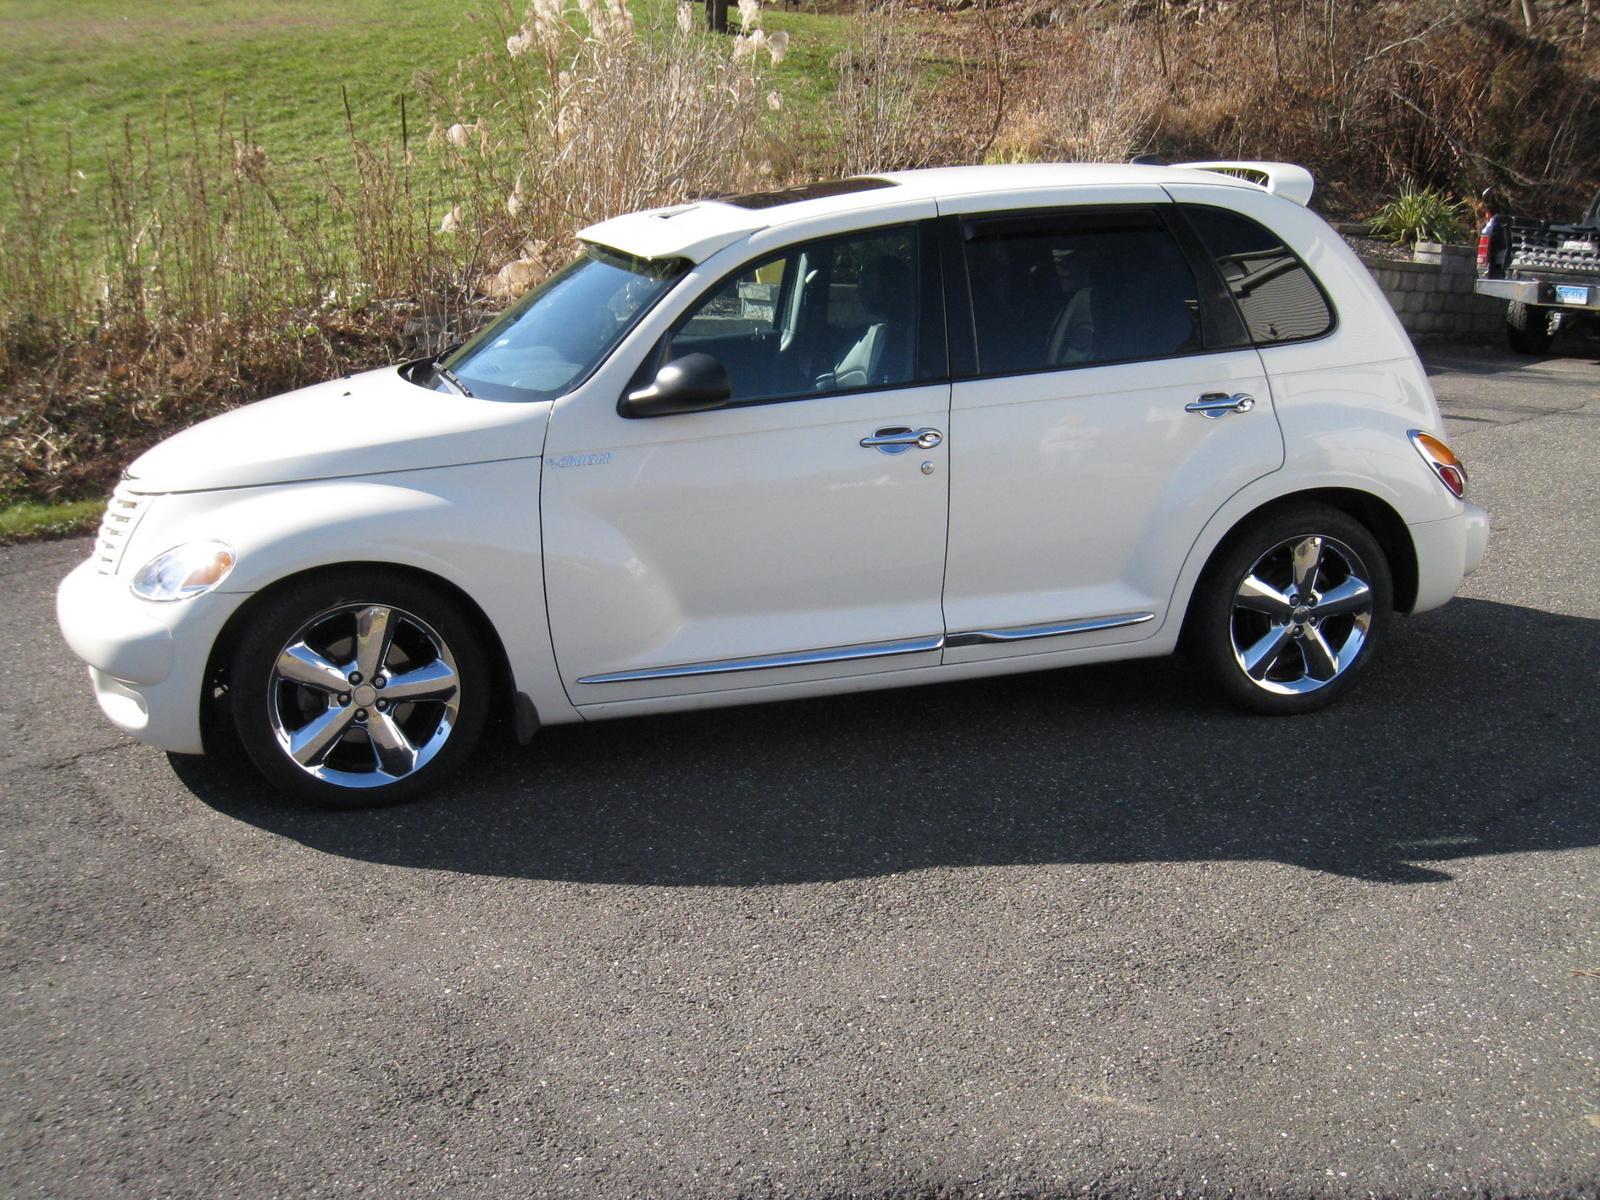 2004 Chrysler Pt Cruiser Exterior Pictures Cargurus